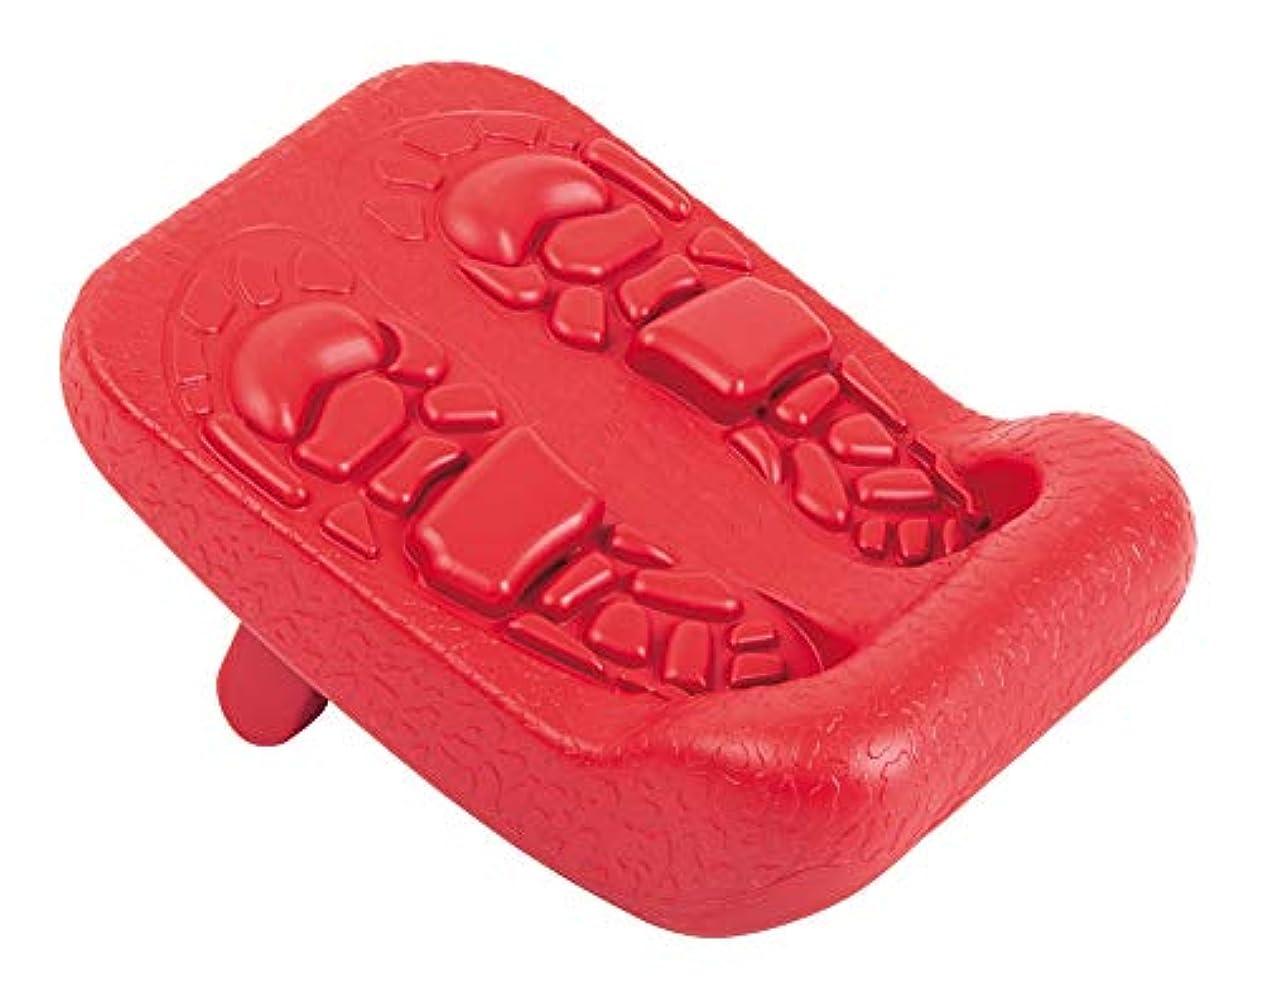 ゴールデン失効磁器アルファックス グイ伸びスッキリボード 商品サイズ:縦30×横22×厚み10(cm)